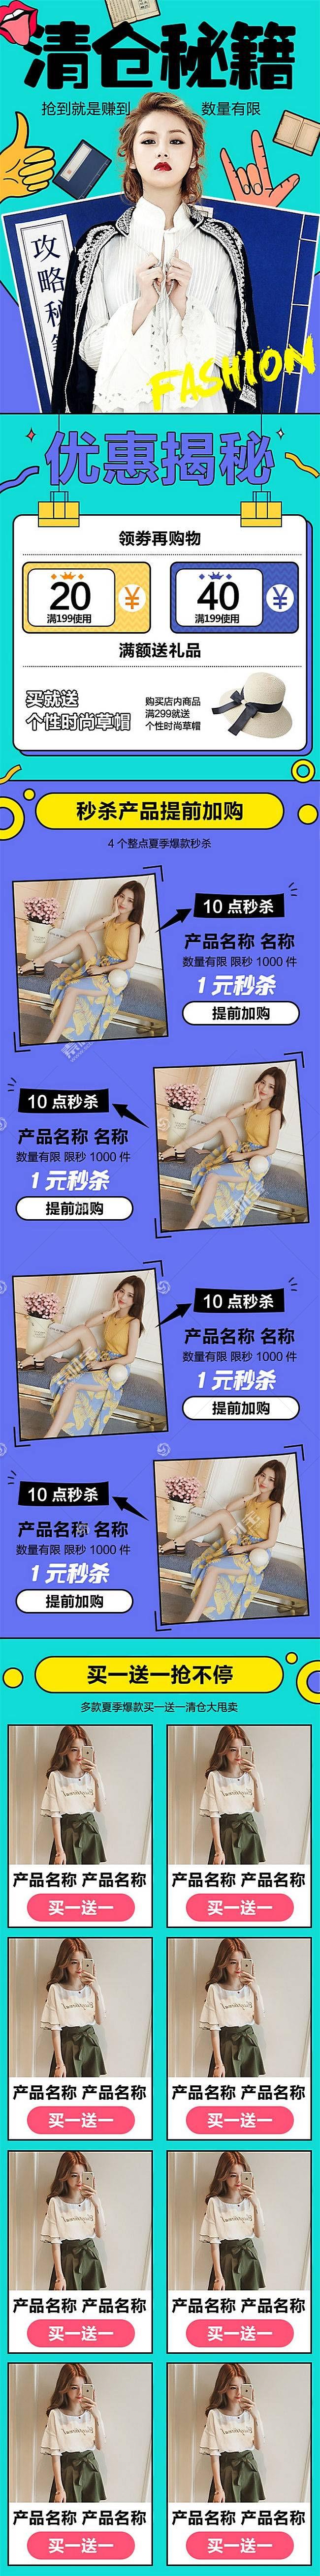 女装服饰电商狂欢促销手机端页面模板